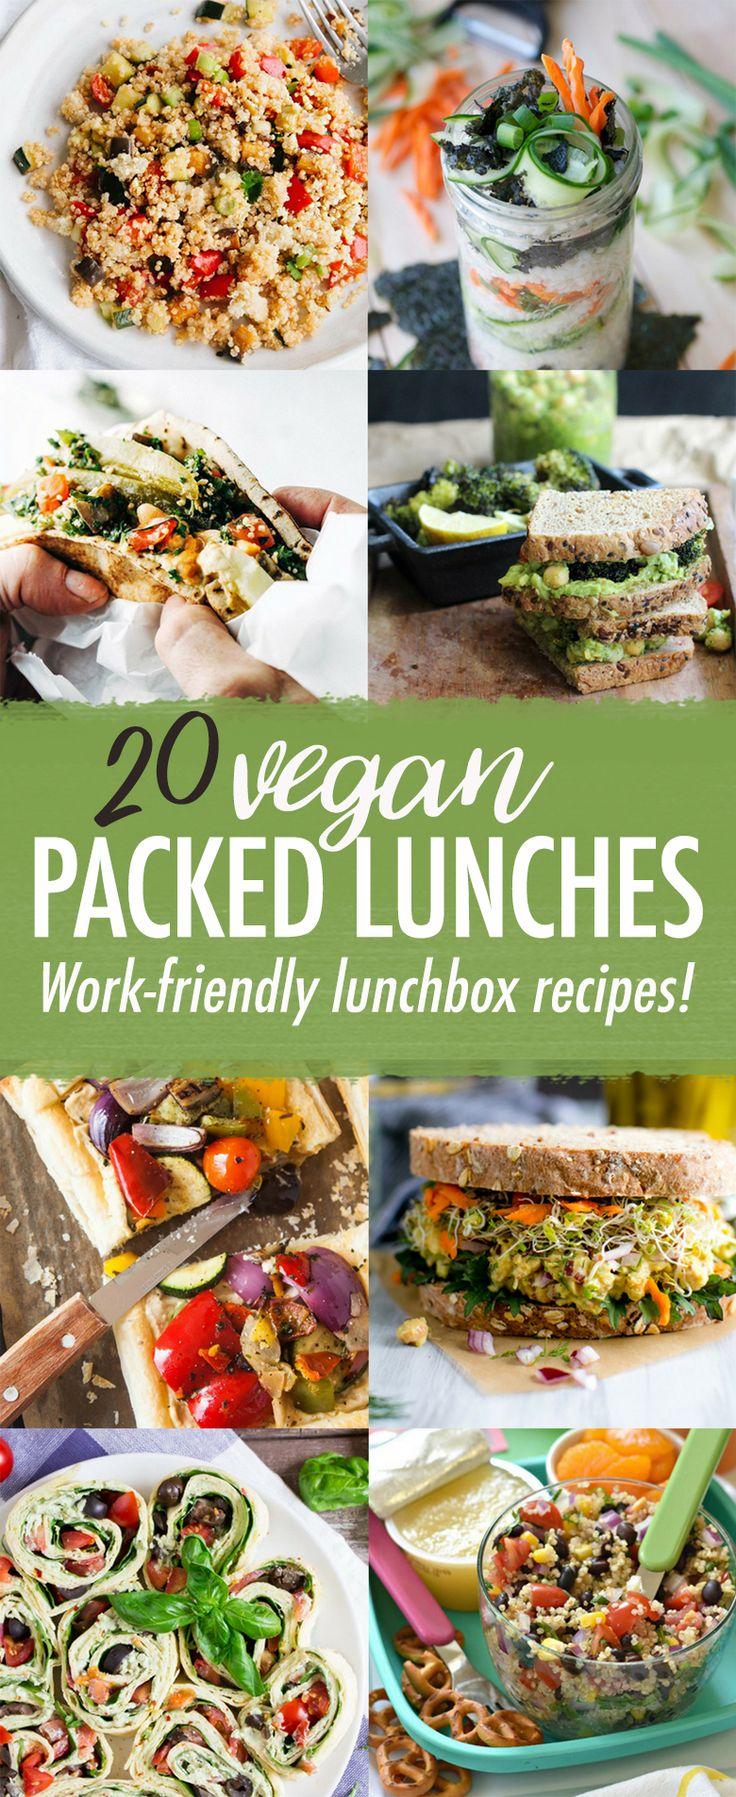 20 Vegan Packed Lunch Recipes via @wallfloweraimee